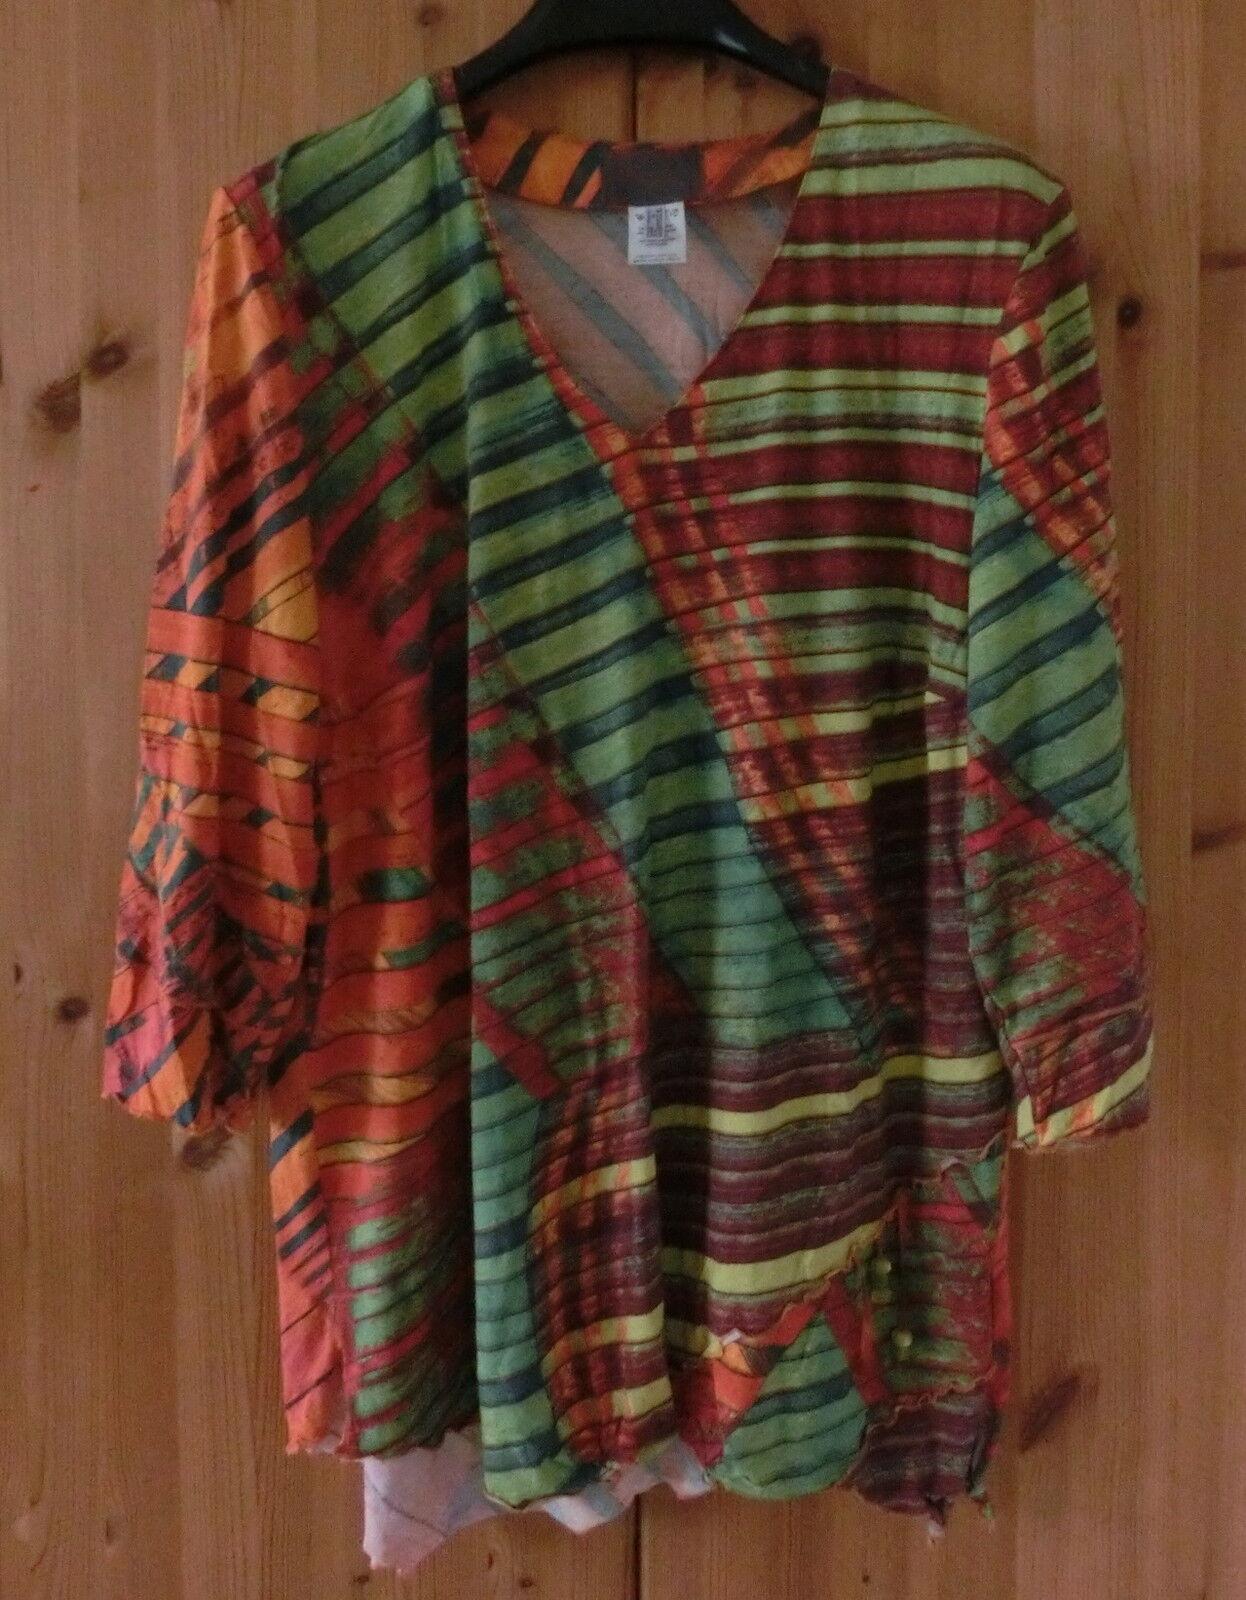 Sempre PIU by Chalou tg. 46 Arancione verde asimertisch asimertisch asimertisch Tunica Maglietta Camicia fd4c1a